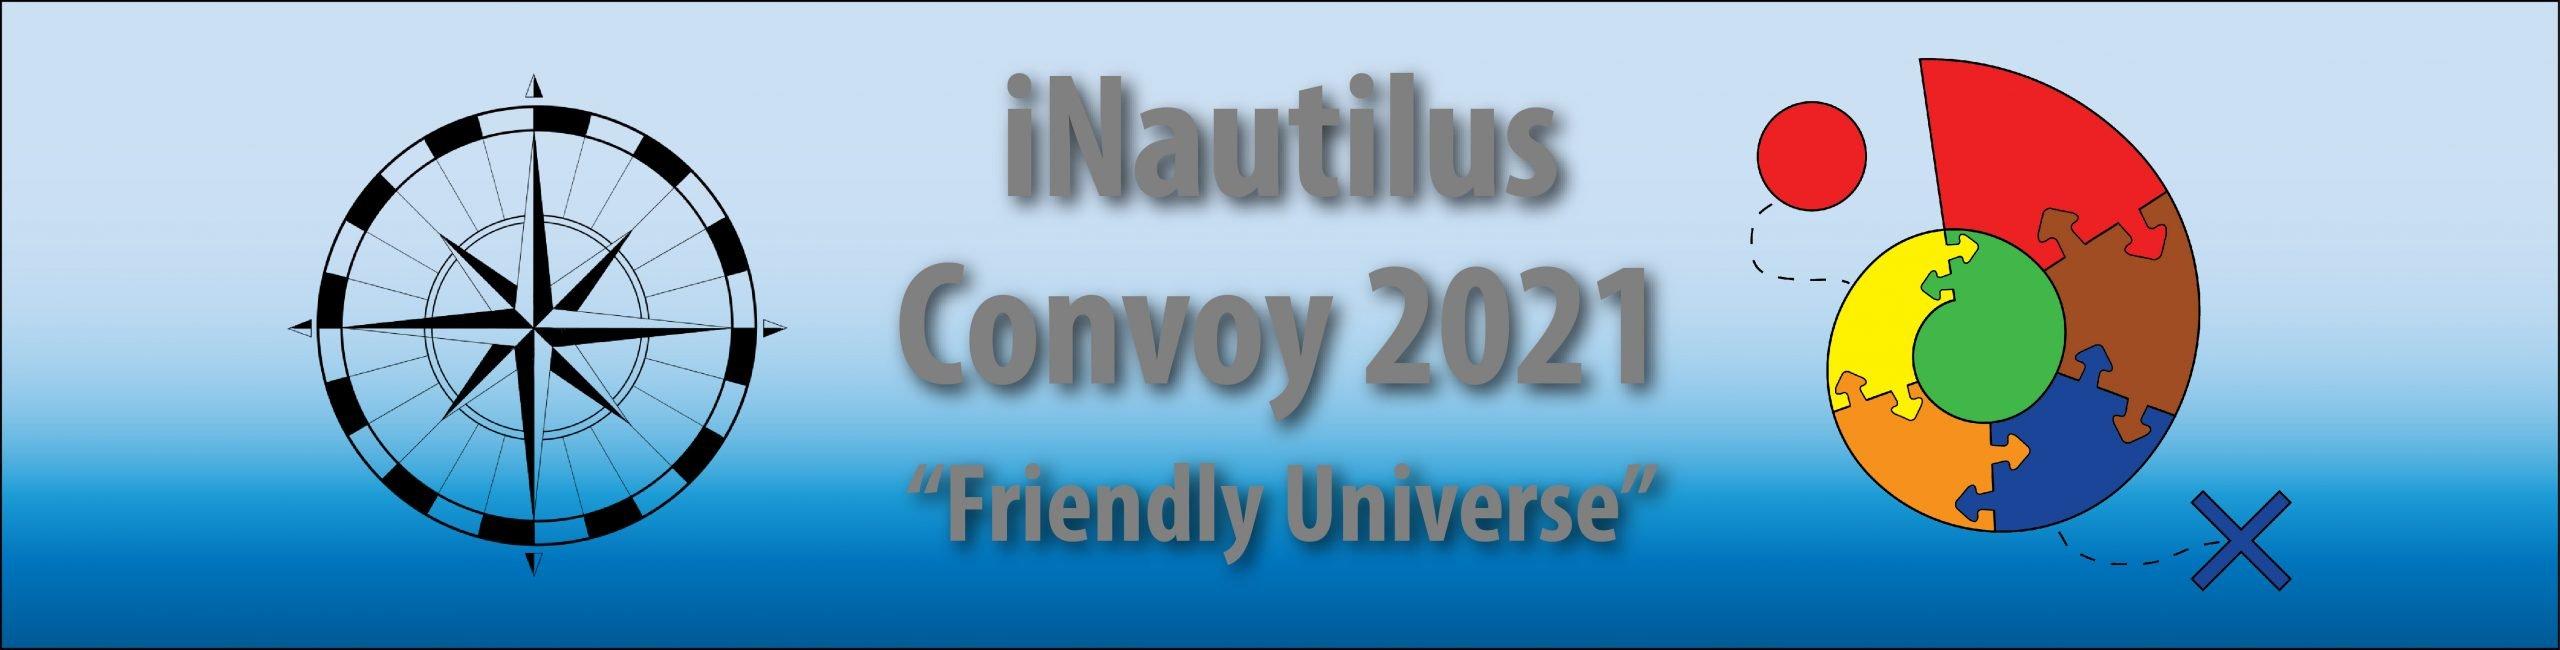 iNautilus Convoy™ 2021 Banner